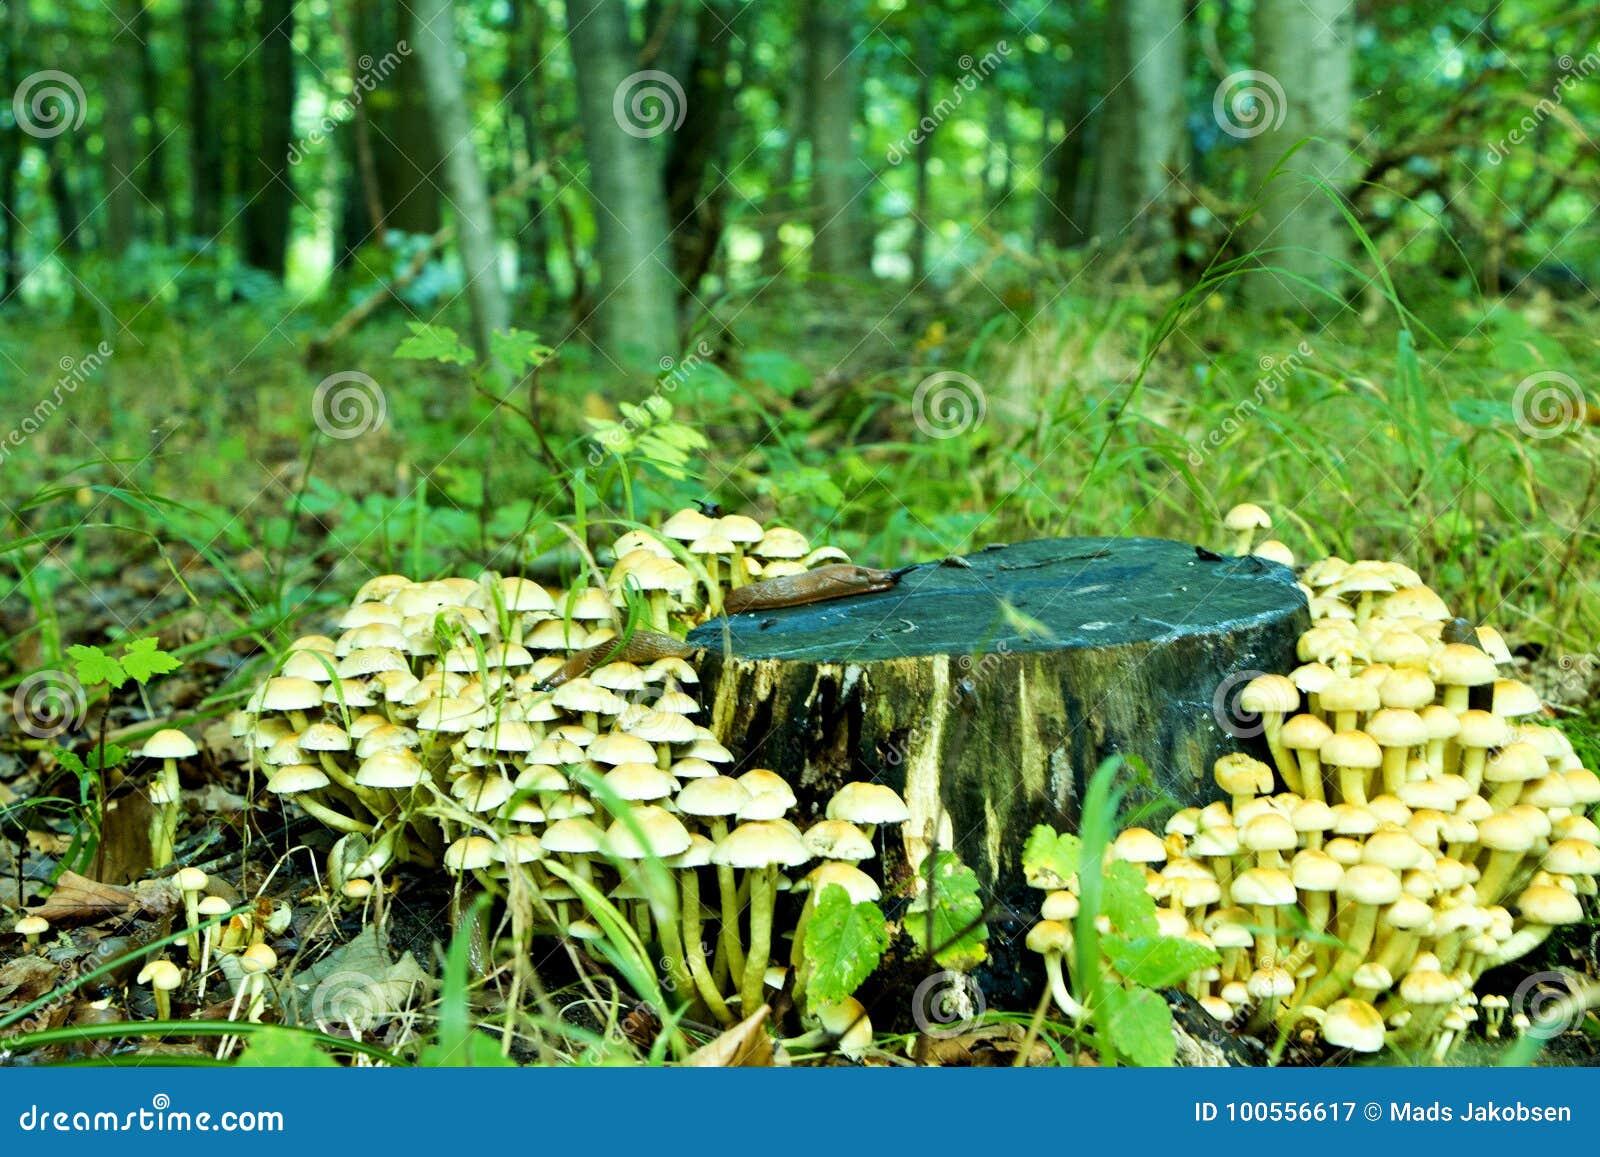 Tronc d arbre avec des champignons